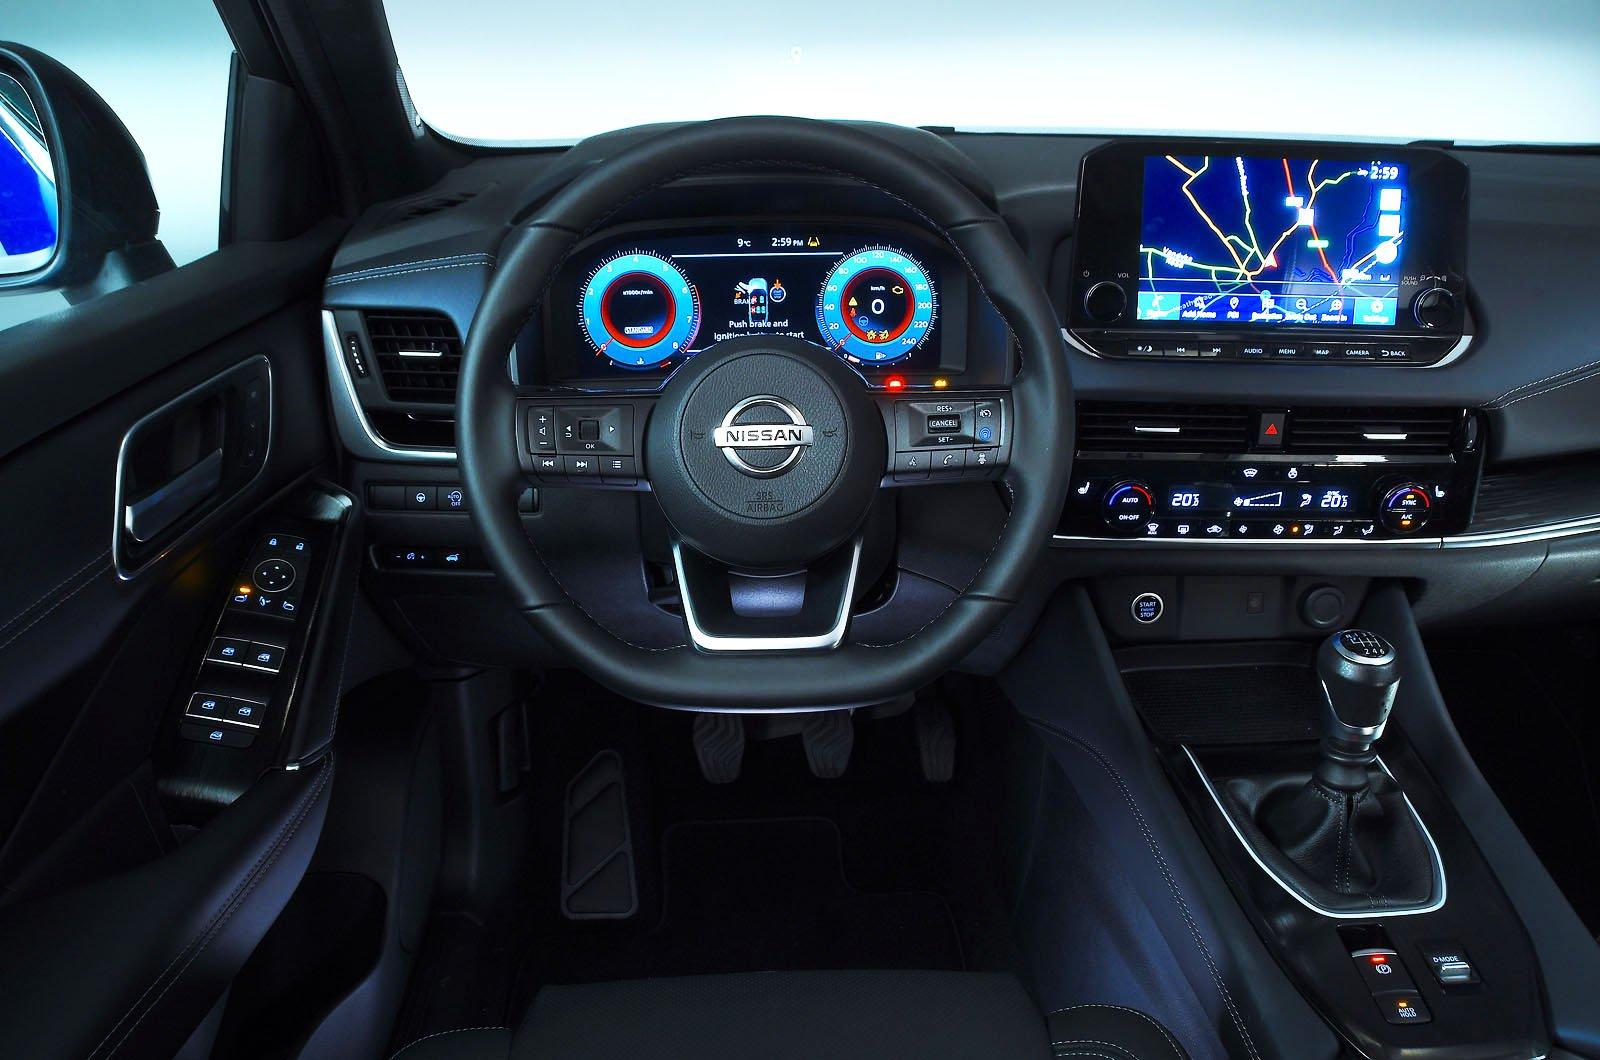 Nissan Qashaqi 2021 dashboard